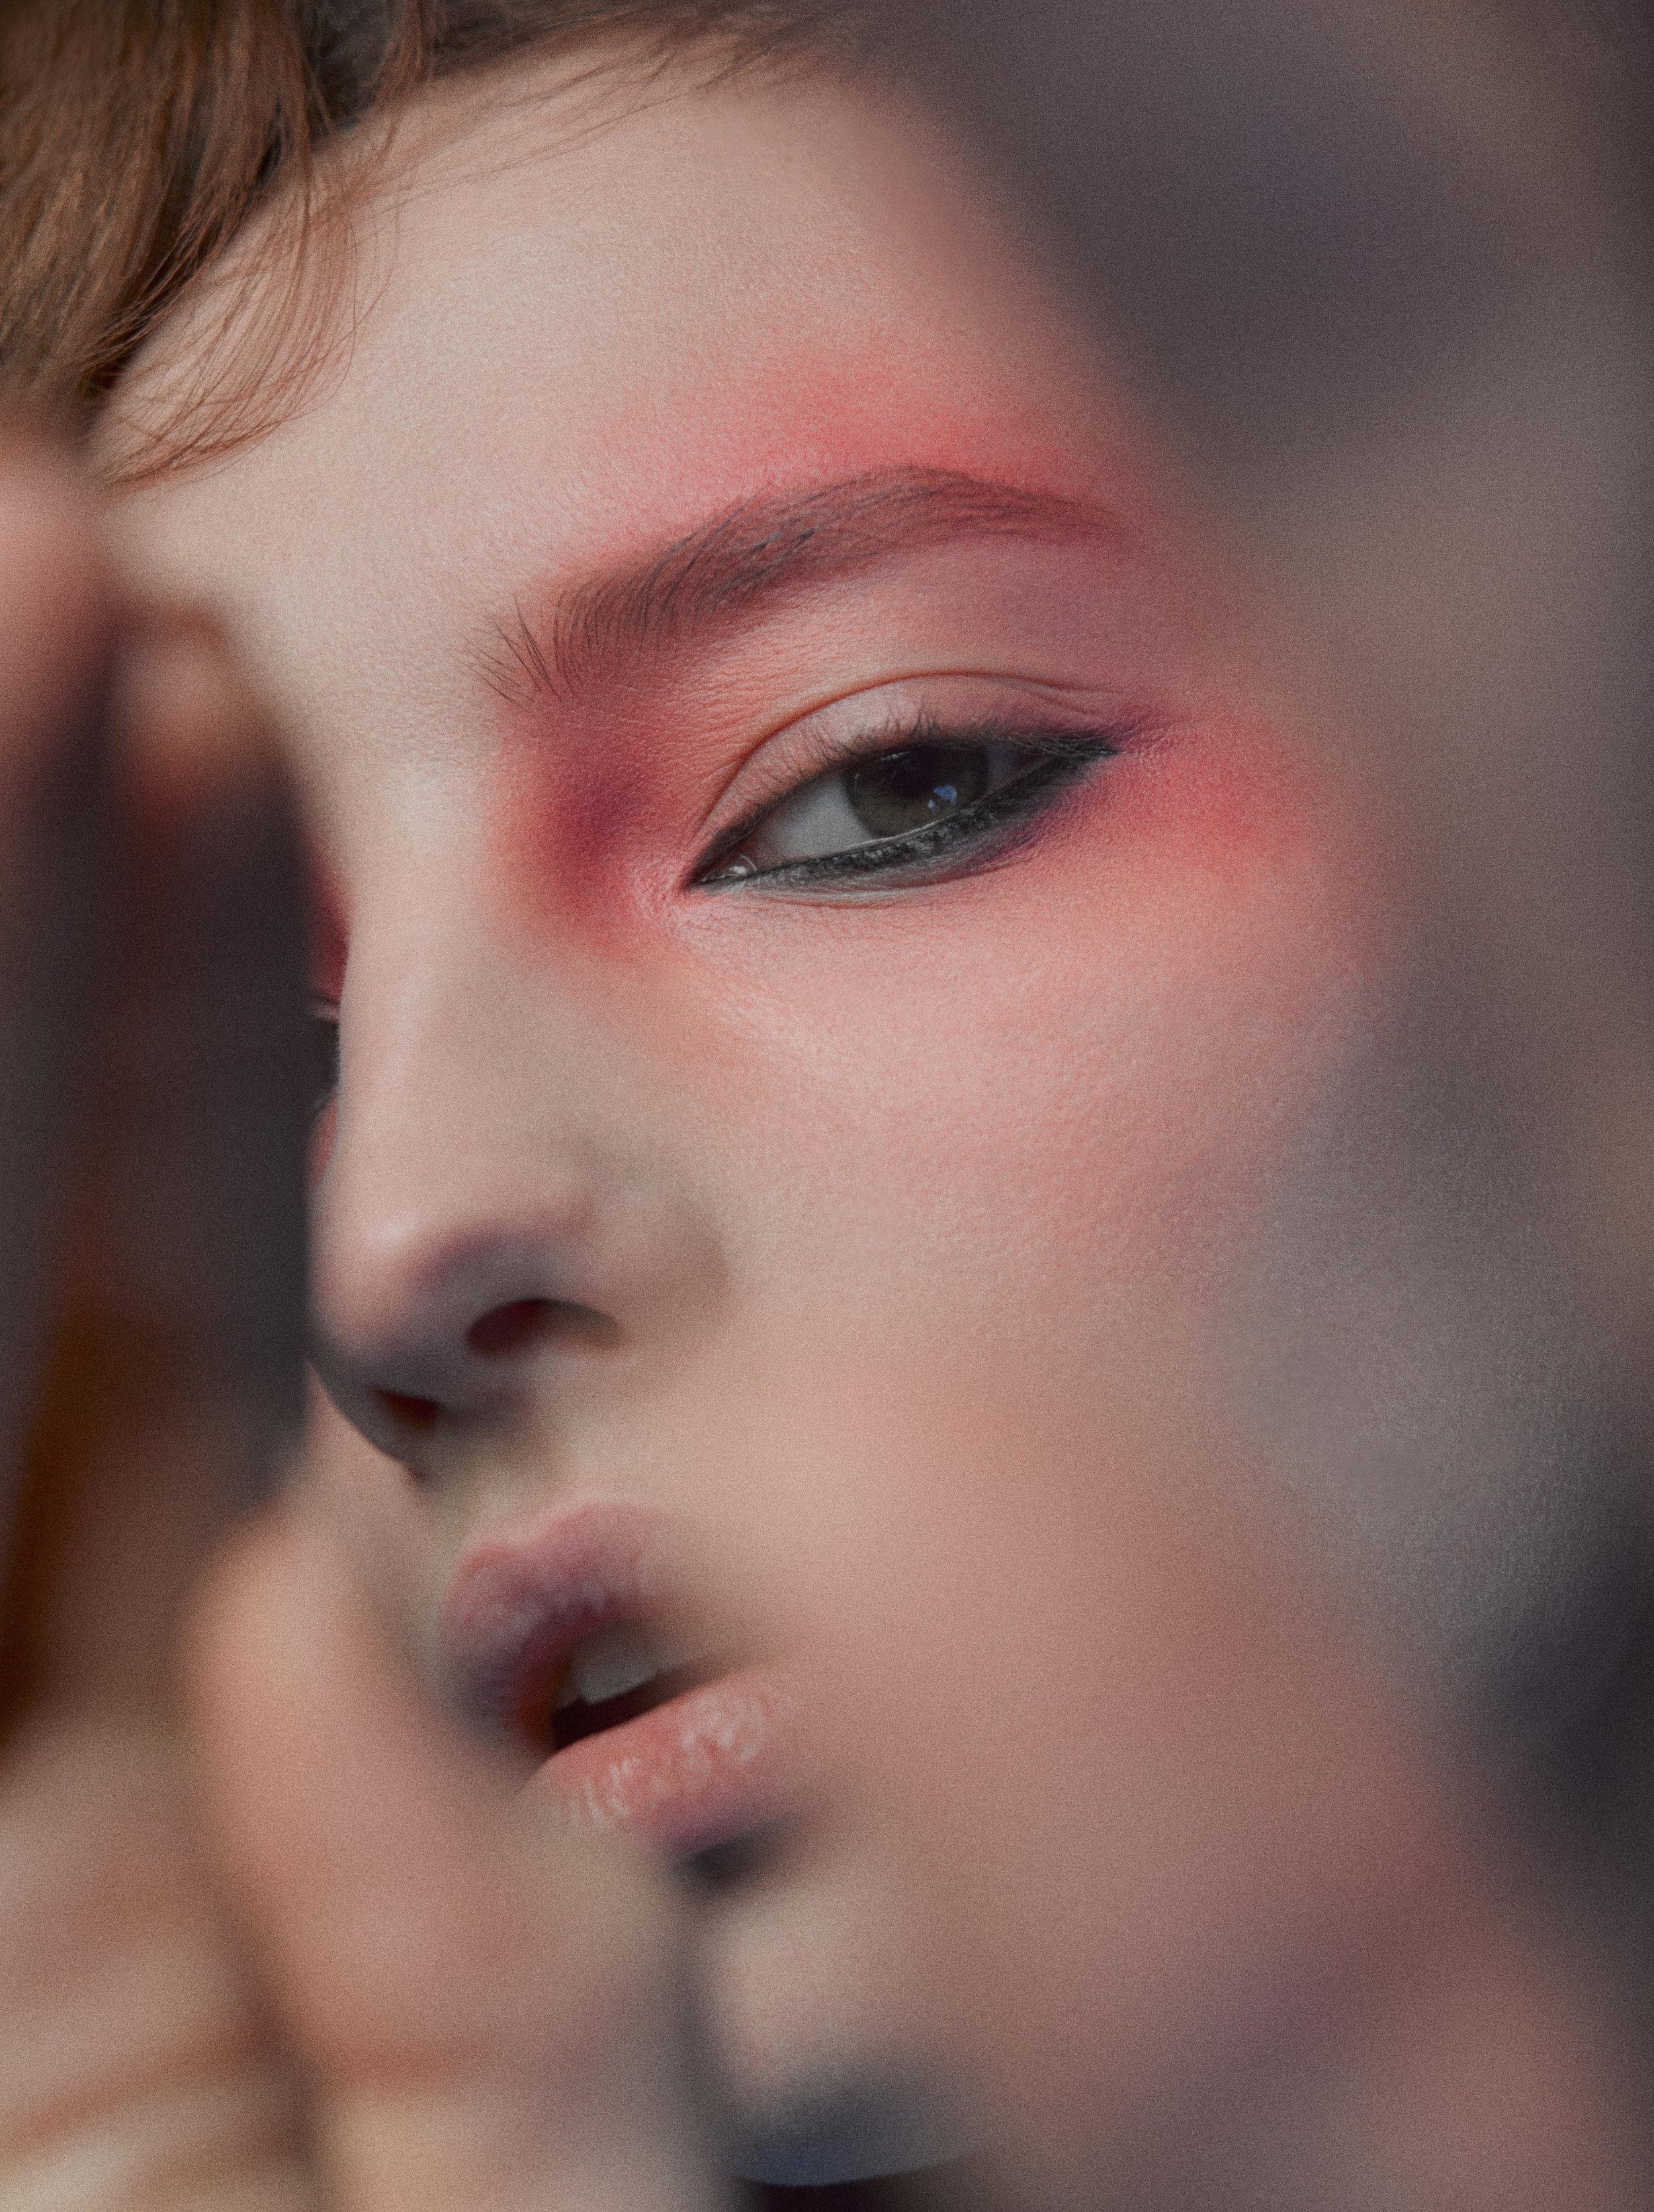 Style : Nata Werner  Make-up: Iren Shimshilashvili  Hair: Evgeny Zubov